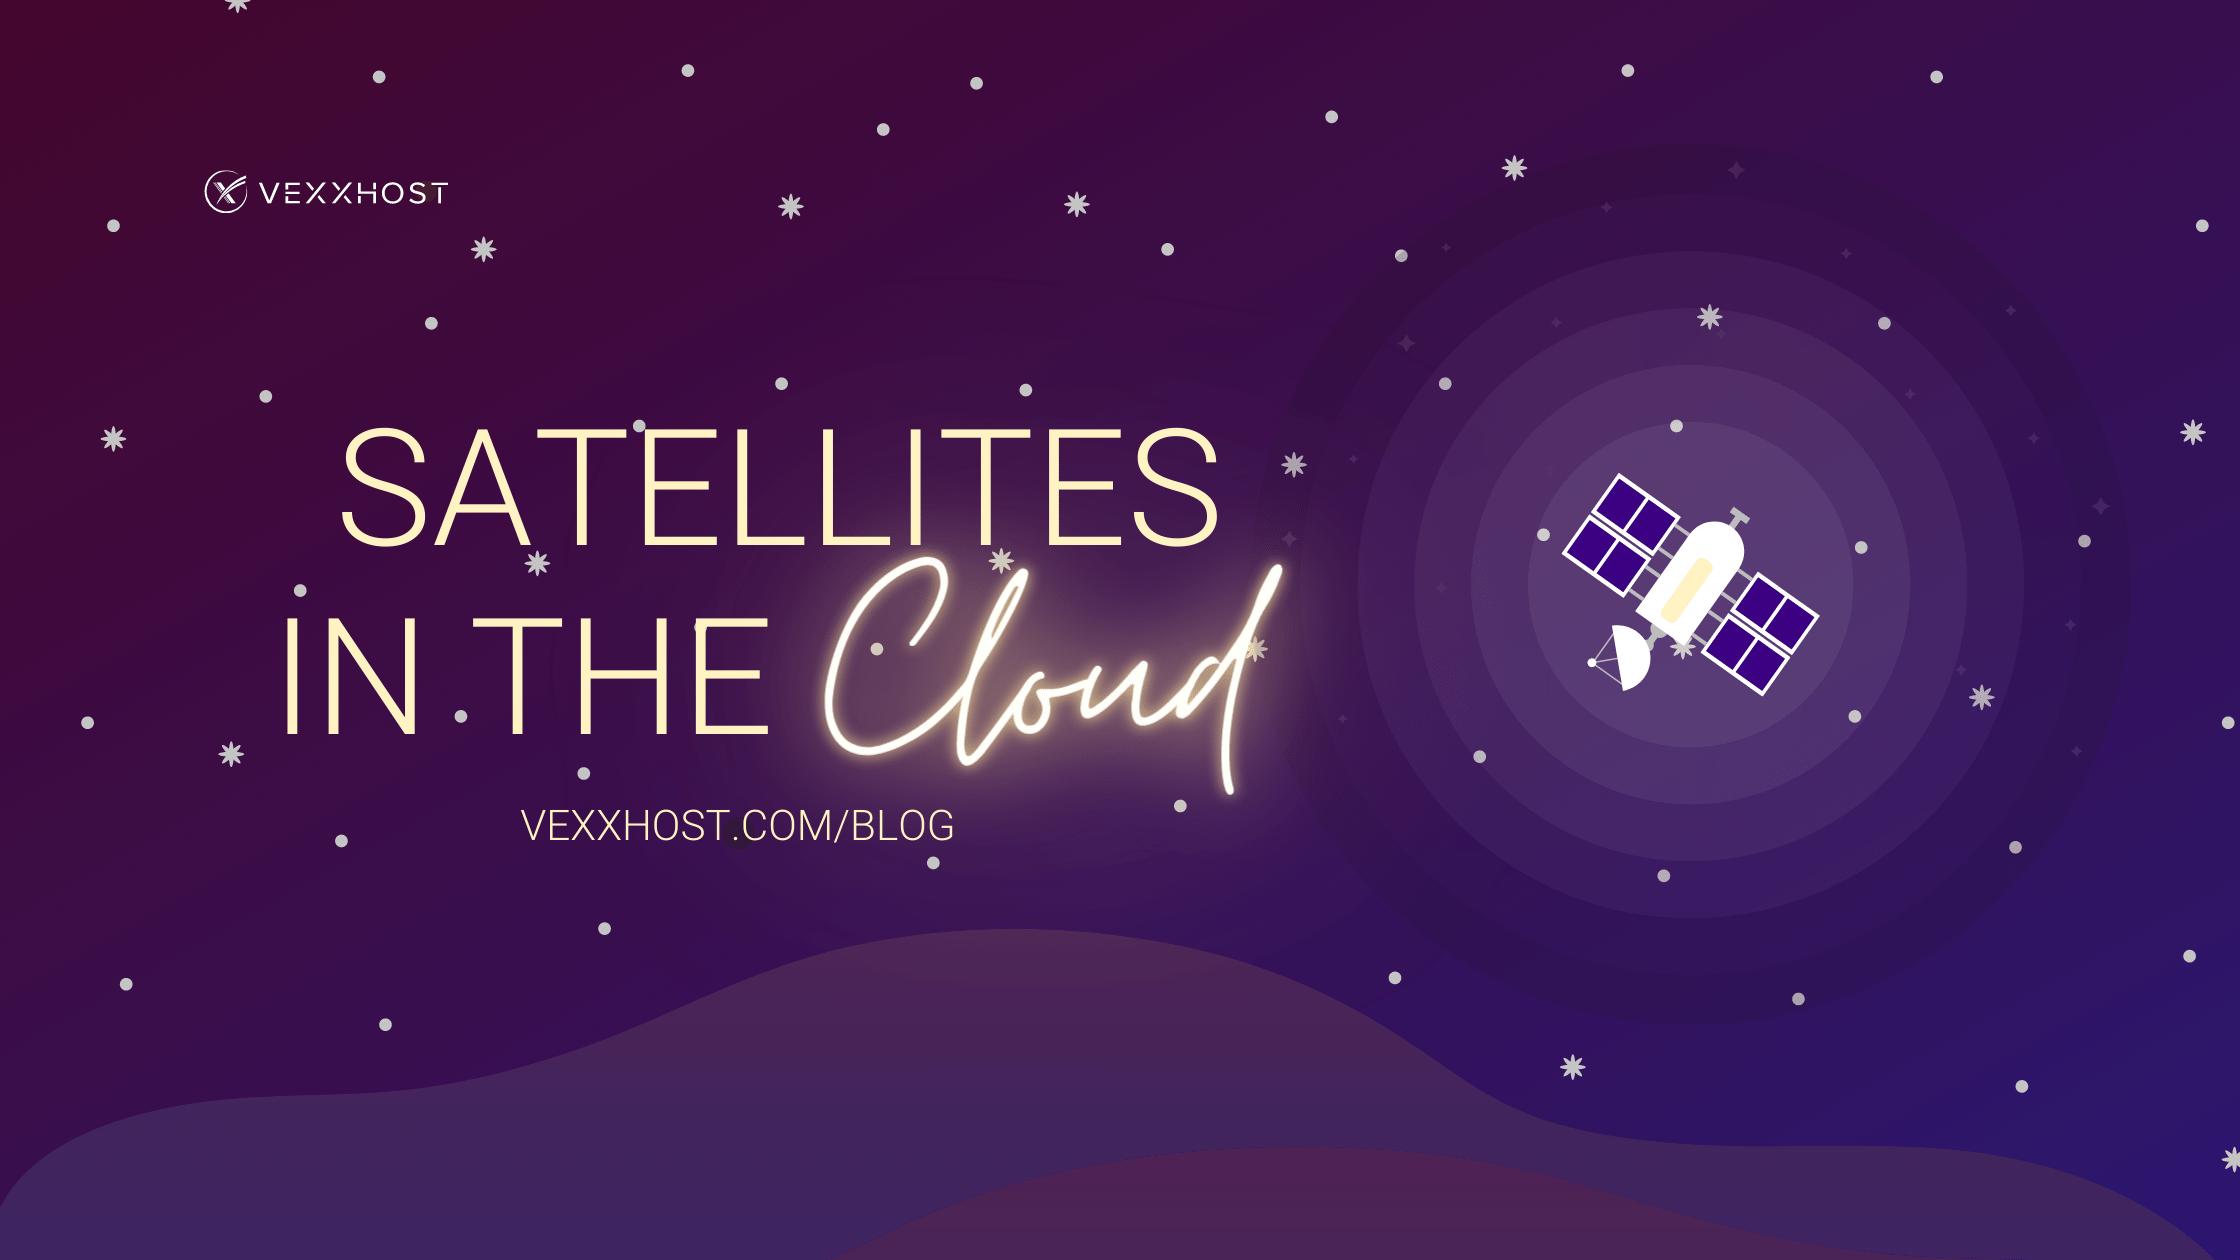 satellites-in-the-cloud-vexxhost-blog-header